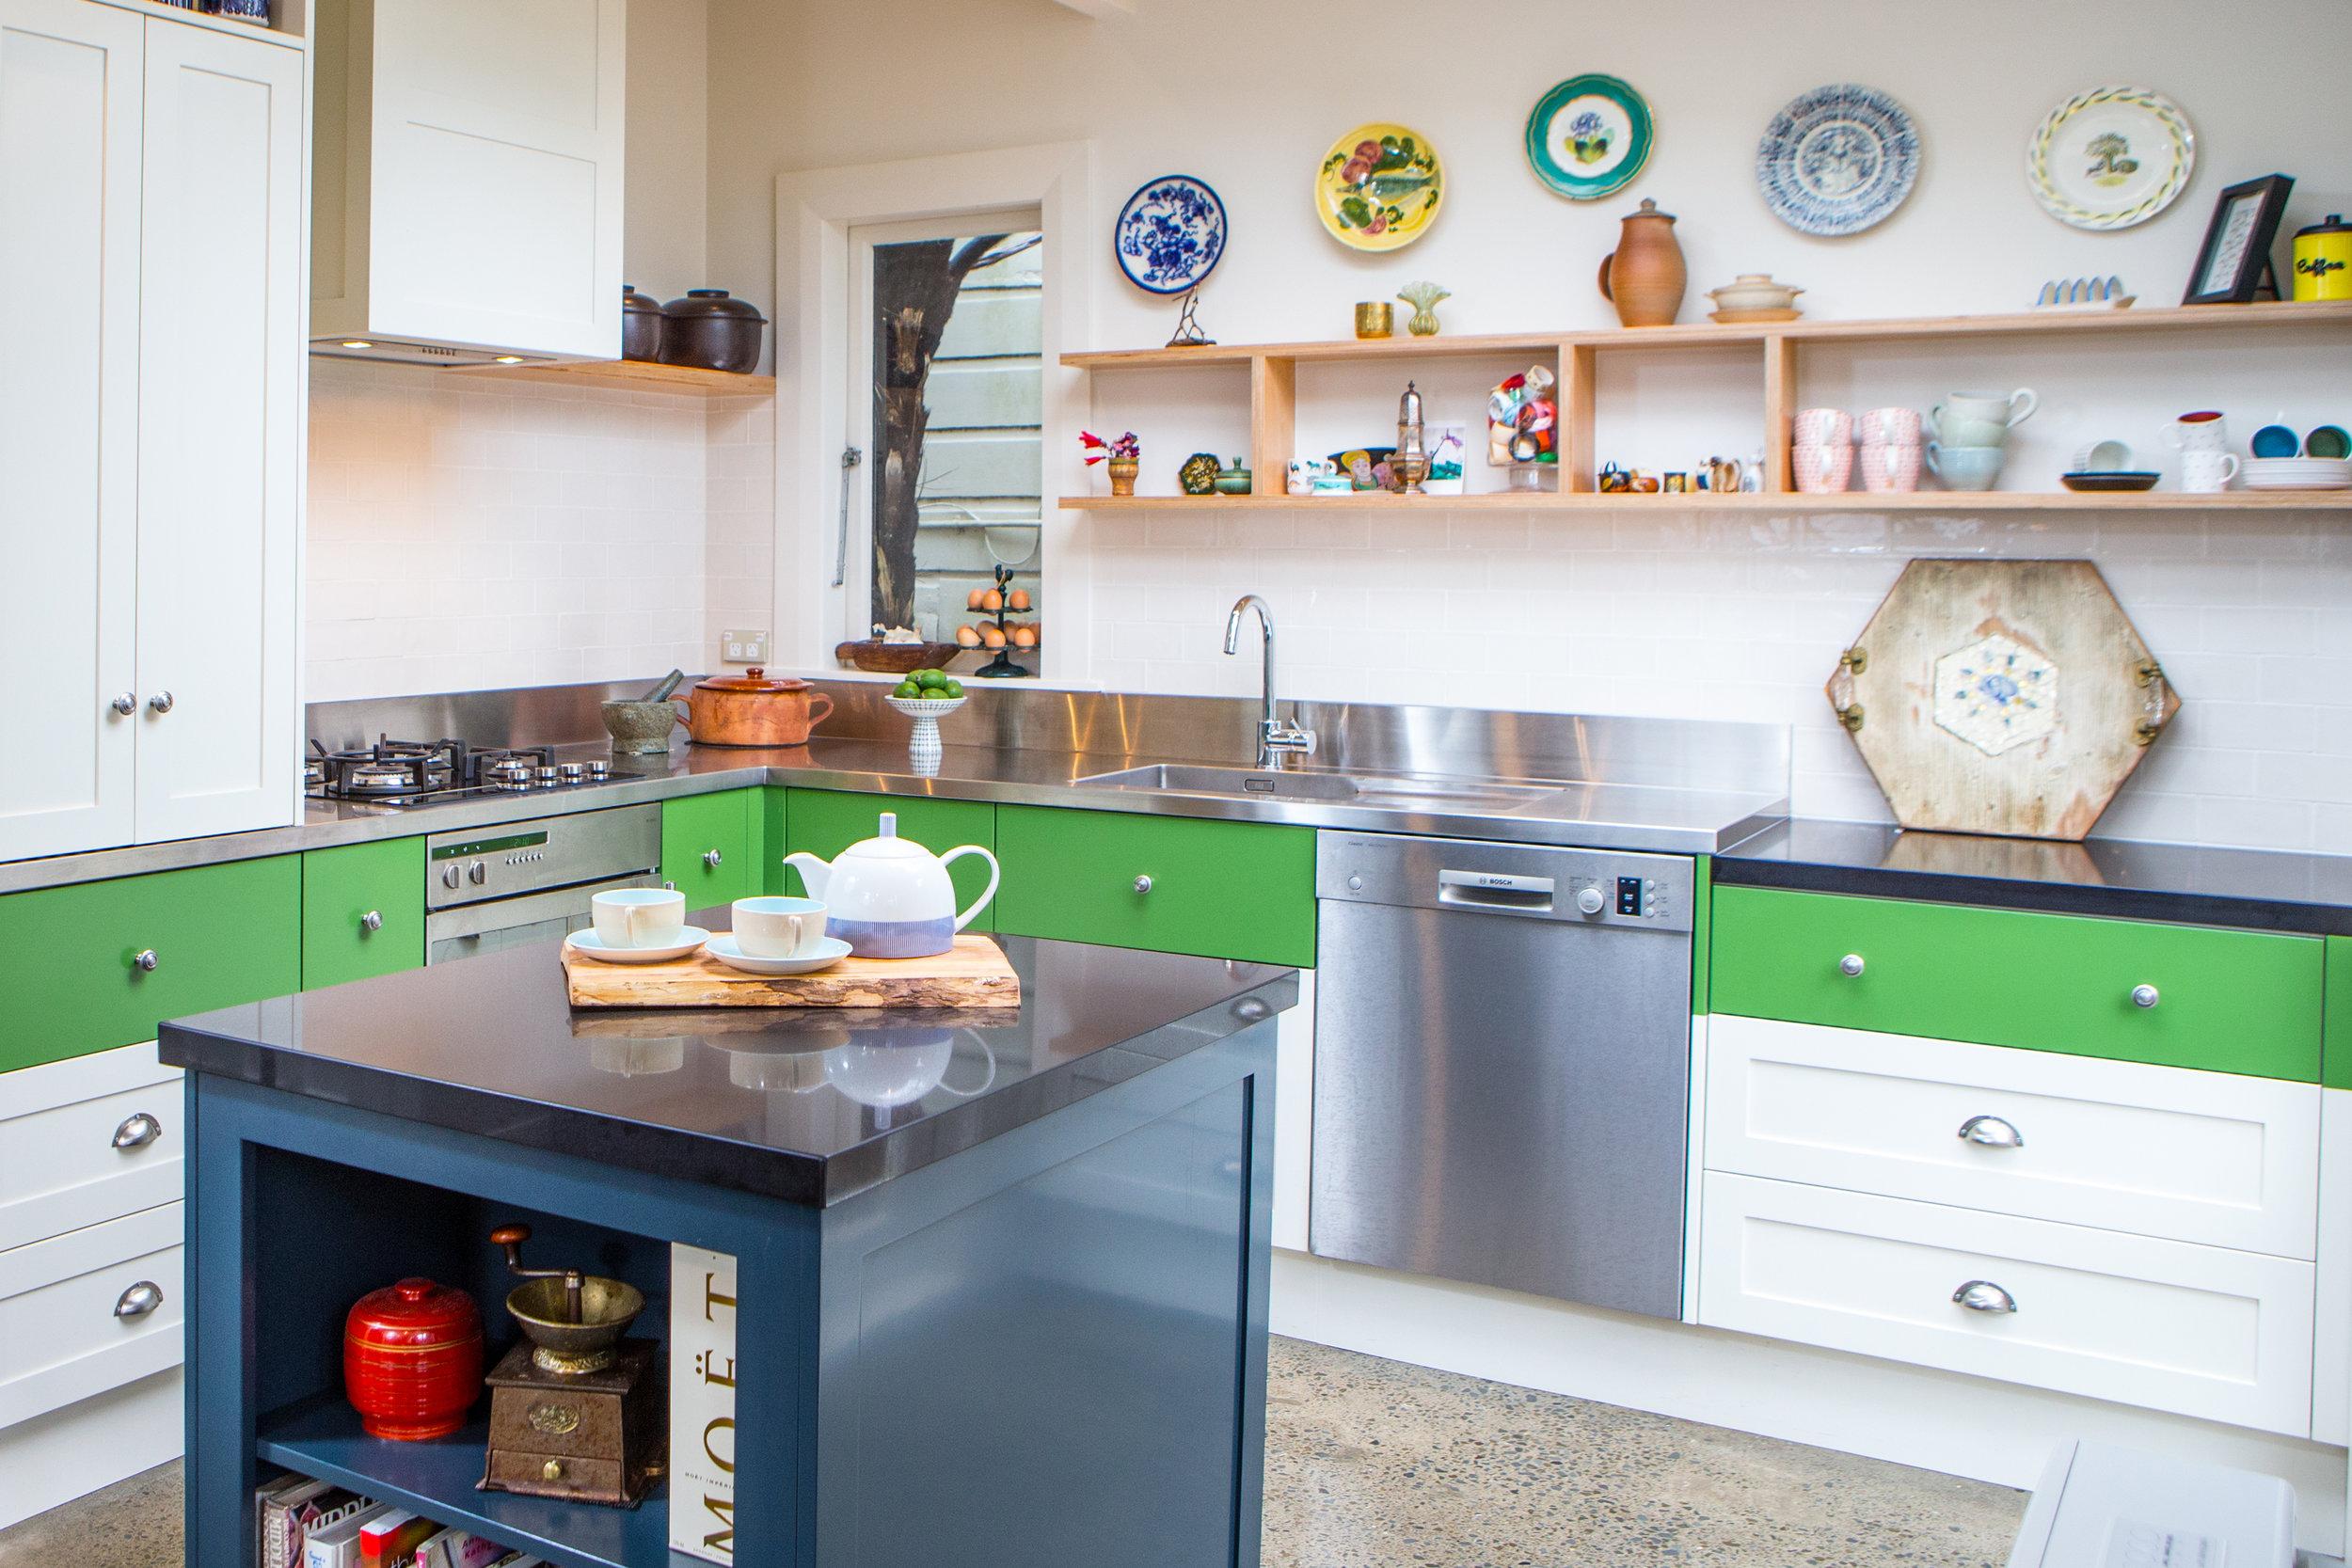 In Haus Design Green Kitchen 17 crop.jpg